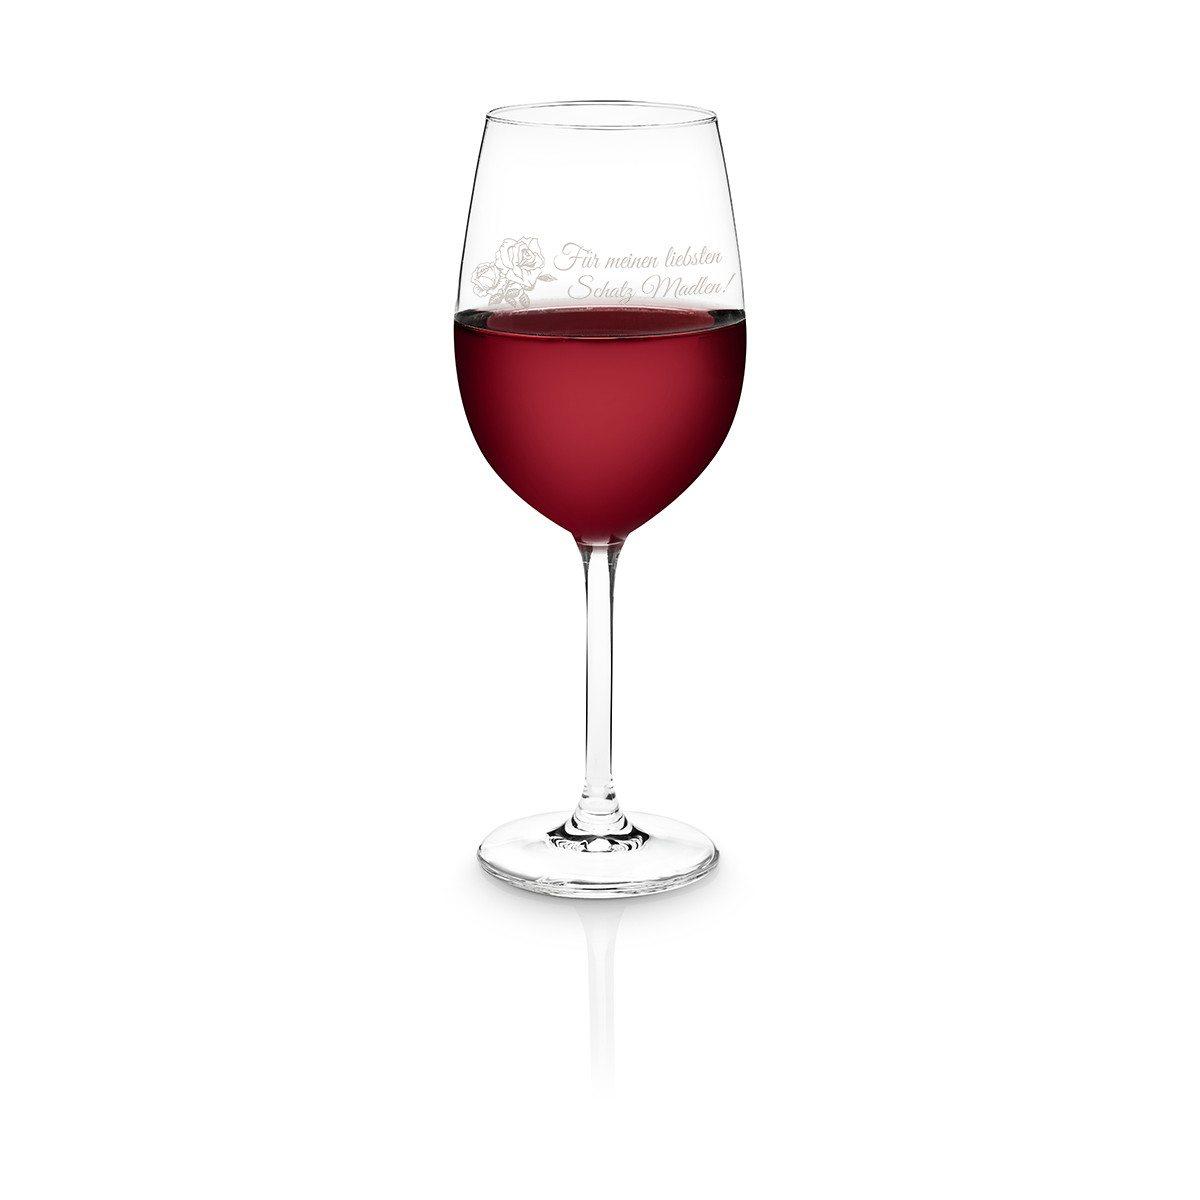 PPersonalisierbares Rotweinglas von Schott Zwiesel - Rosen